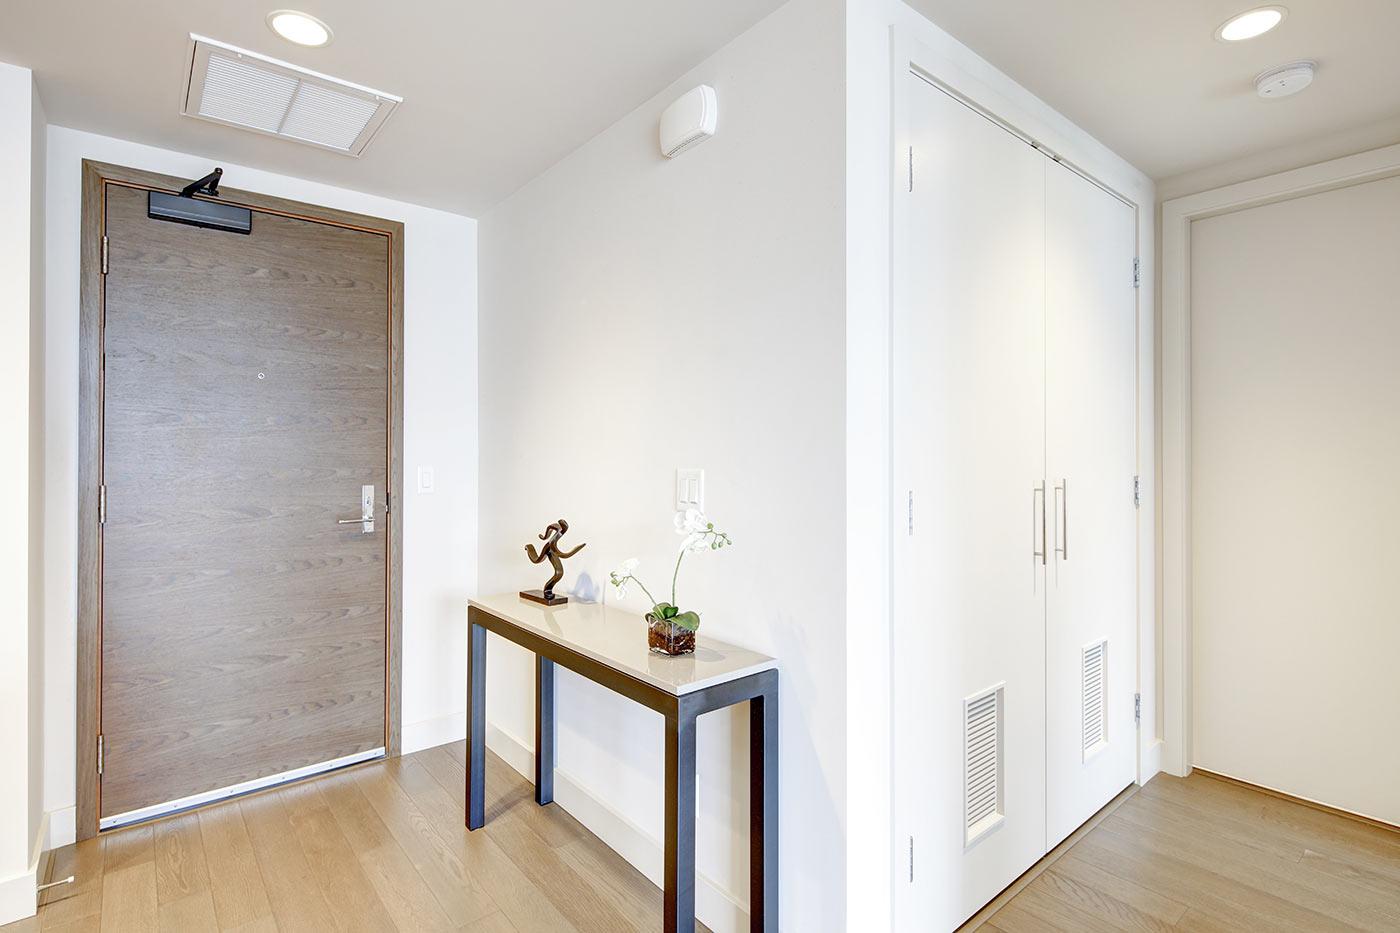 Idee per sfruttare le stanze meno usate: ingresso e corridoi | MAN Casa